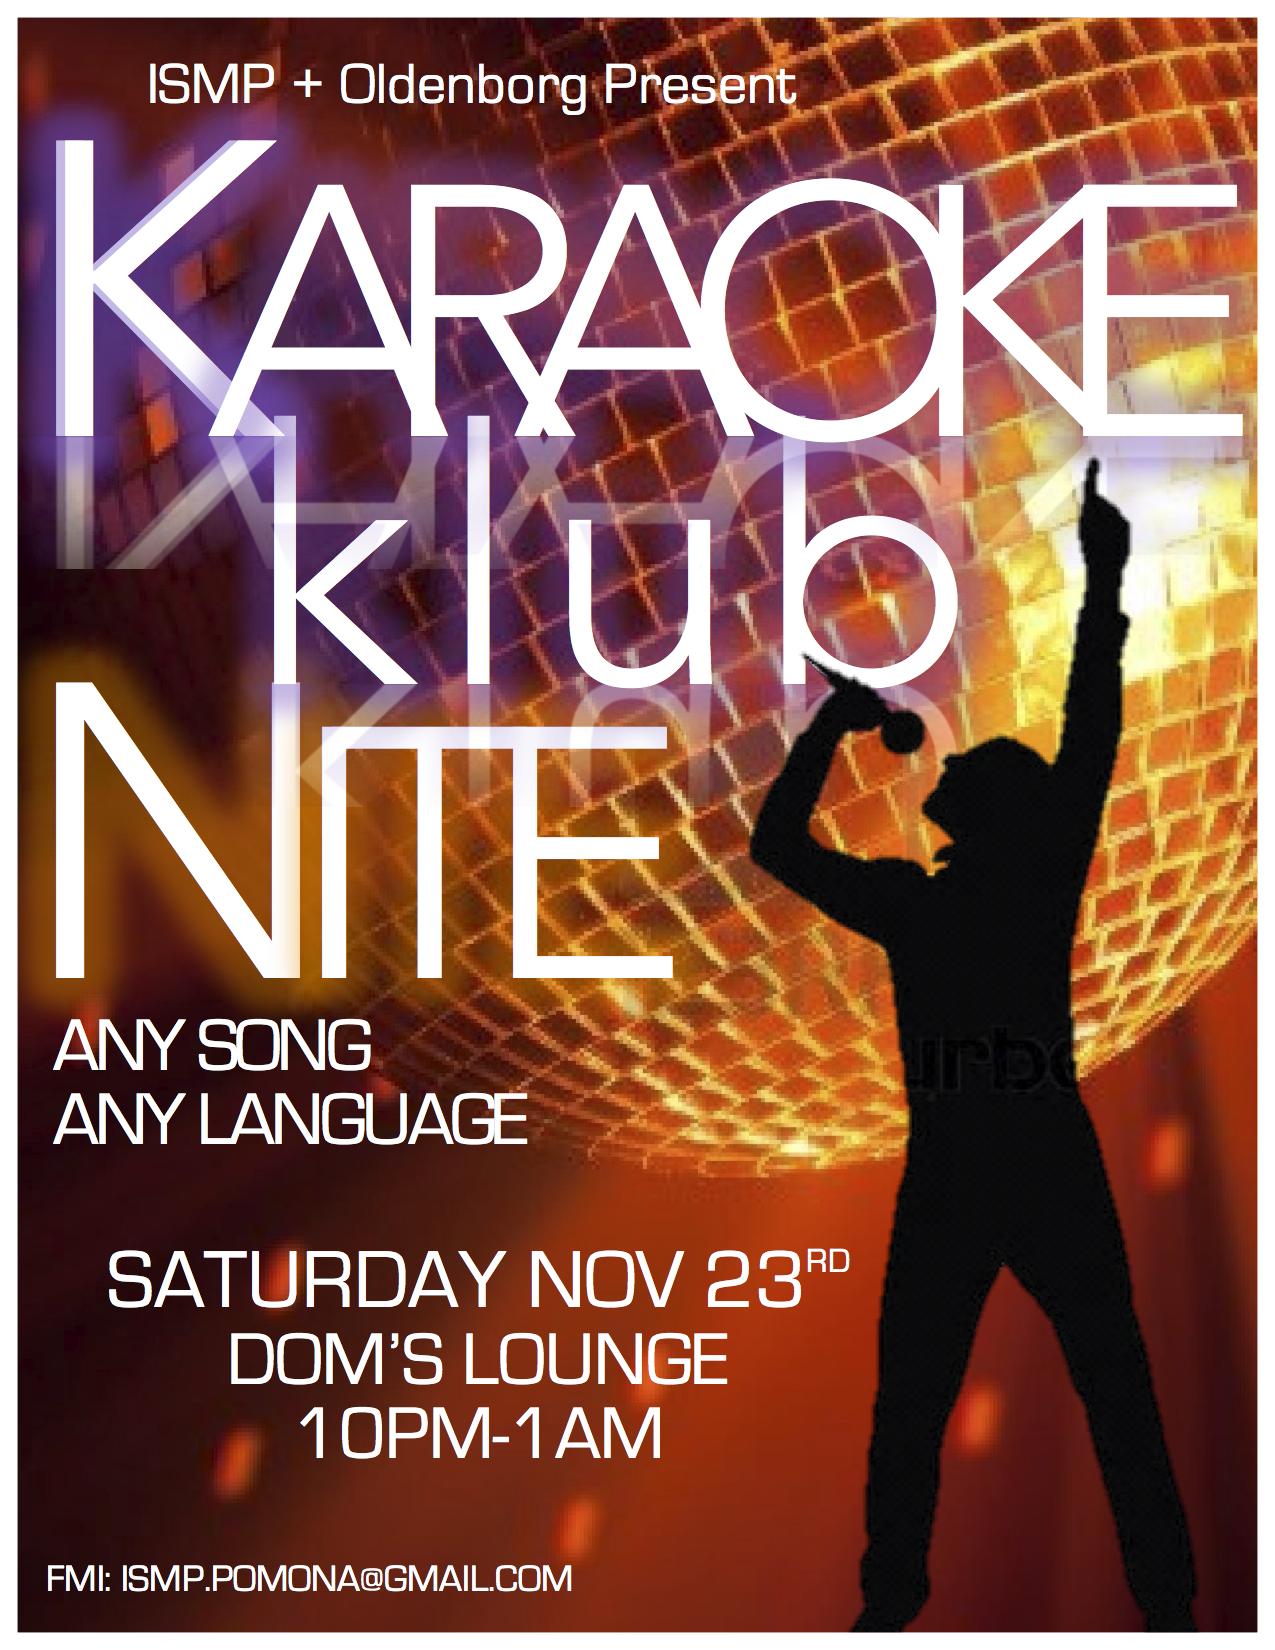 Karaoke-klub-nite